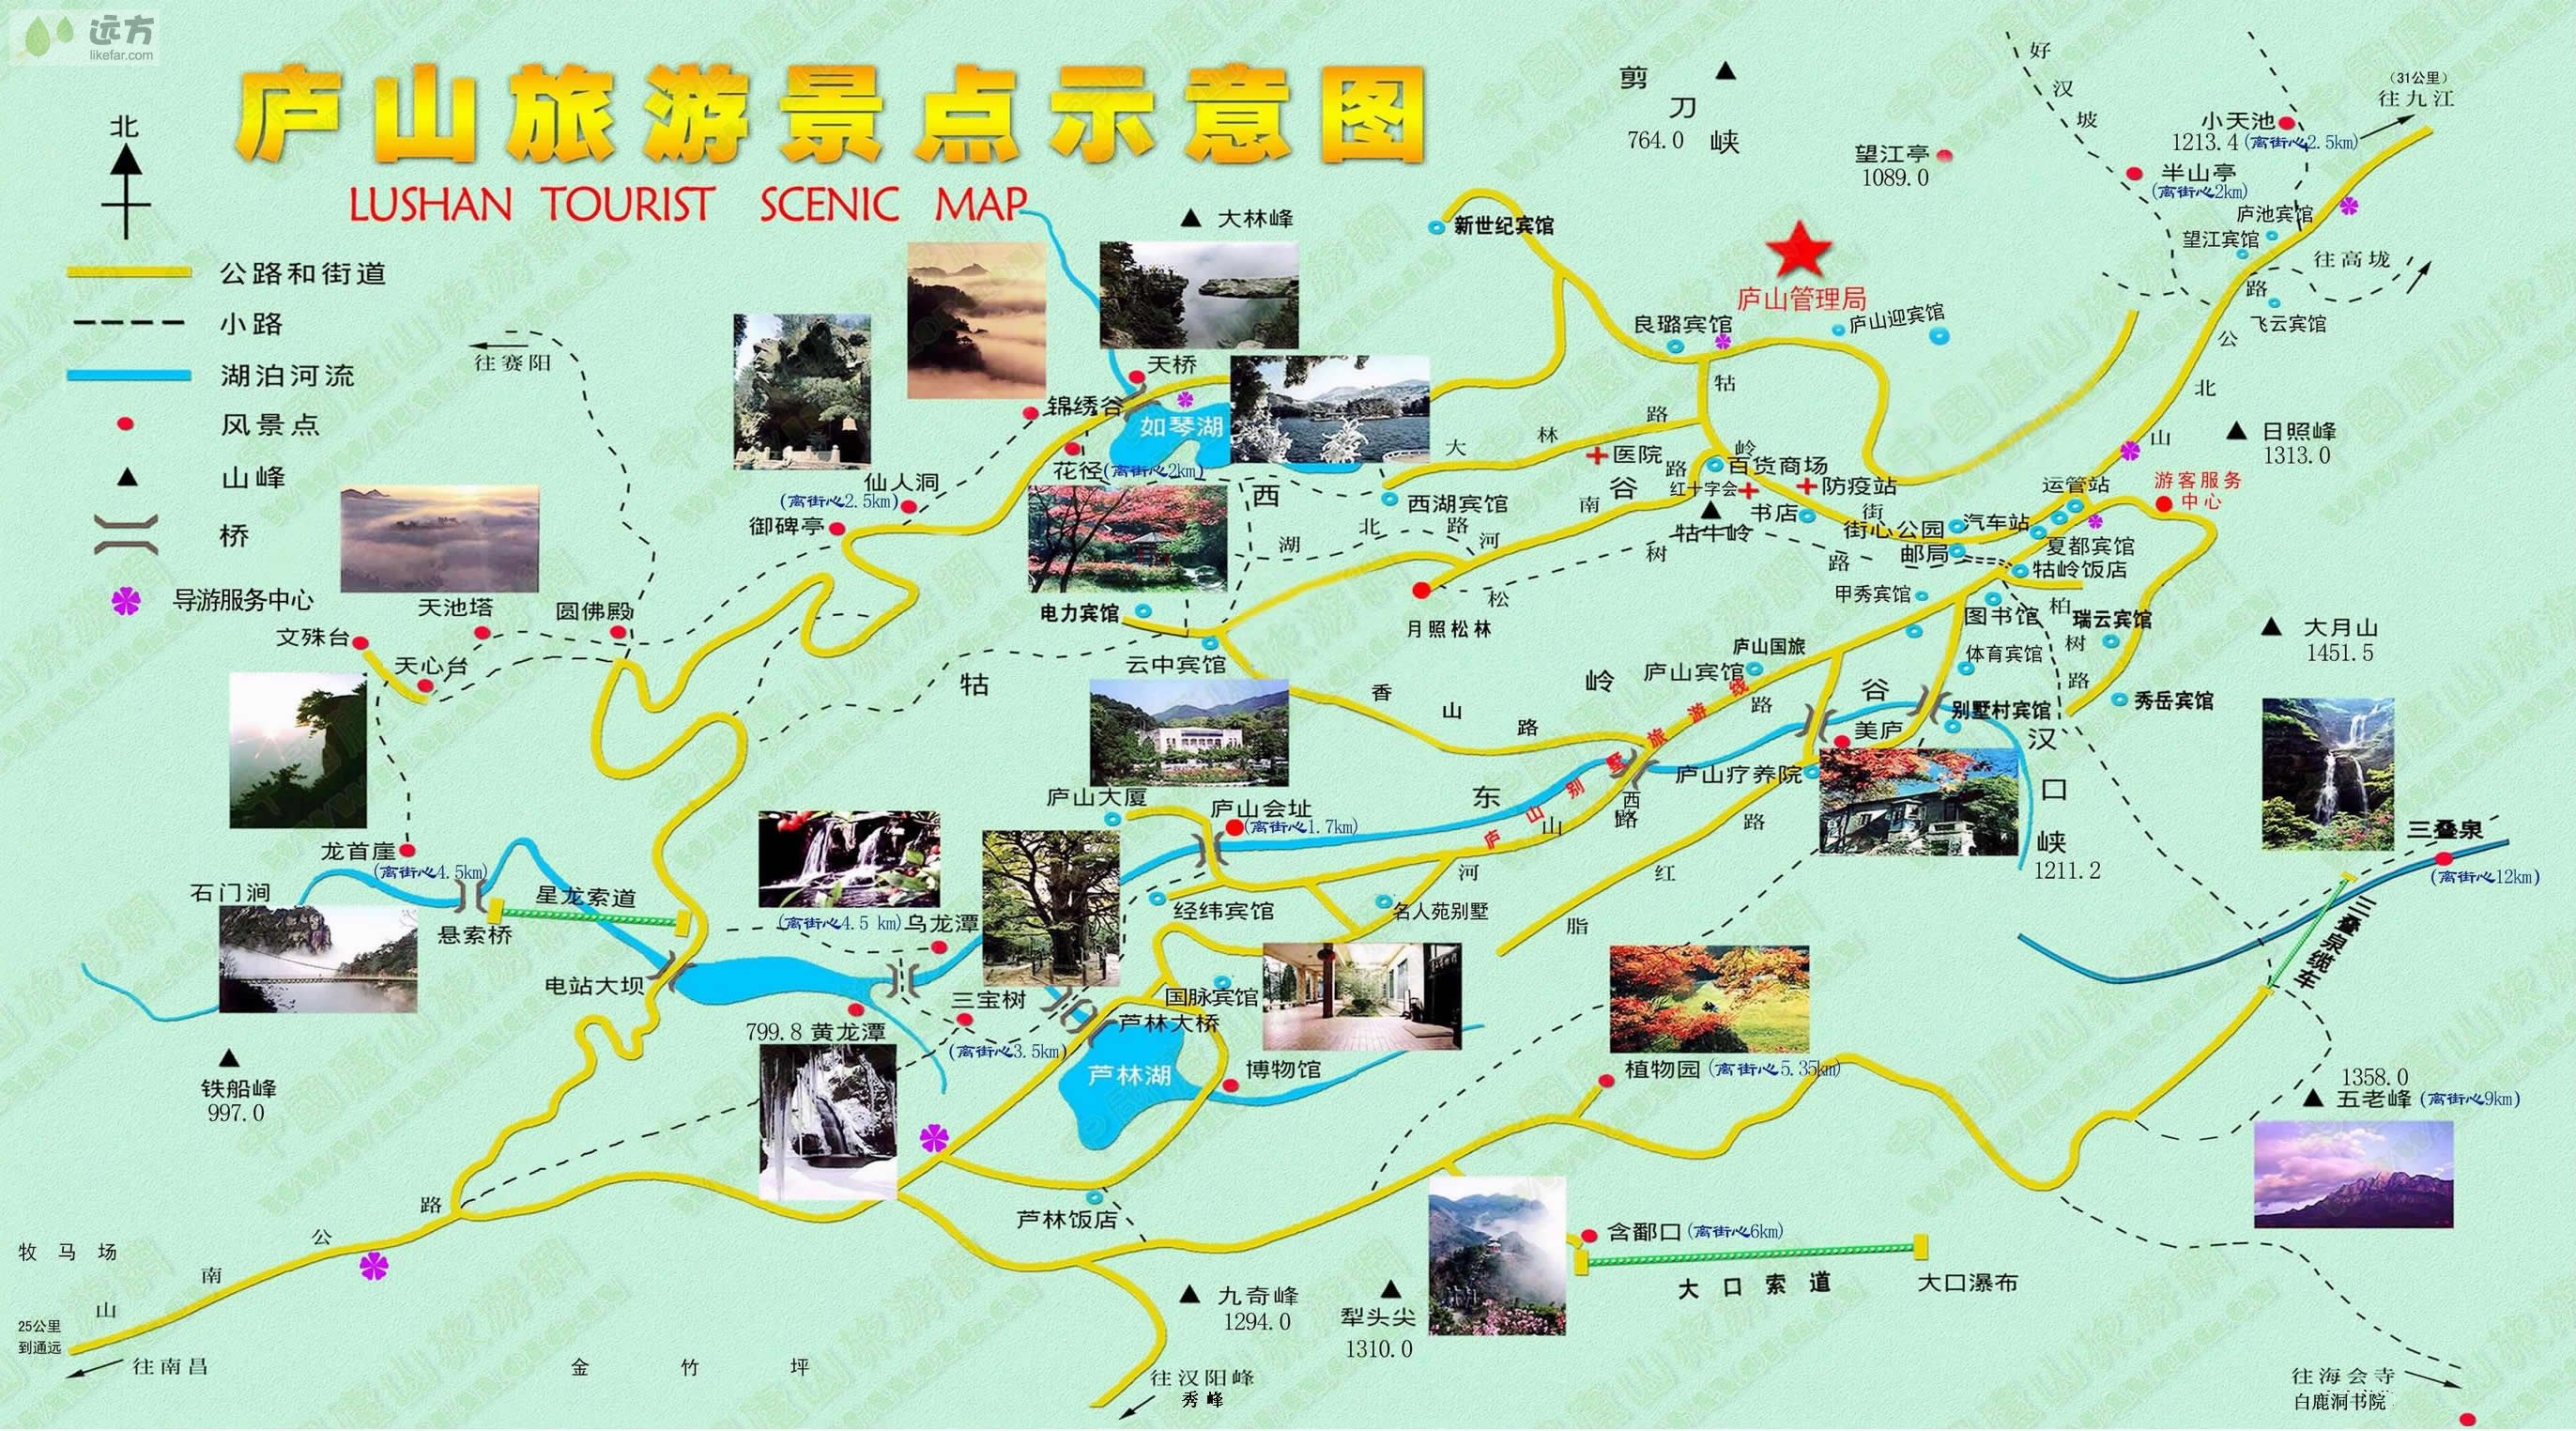 >植物园>三叠泉>九江长江 自行指南: 1 线路:庐山观光主要分为东